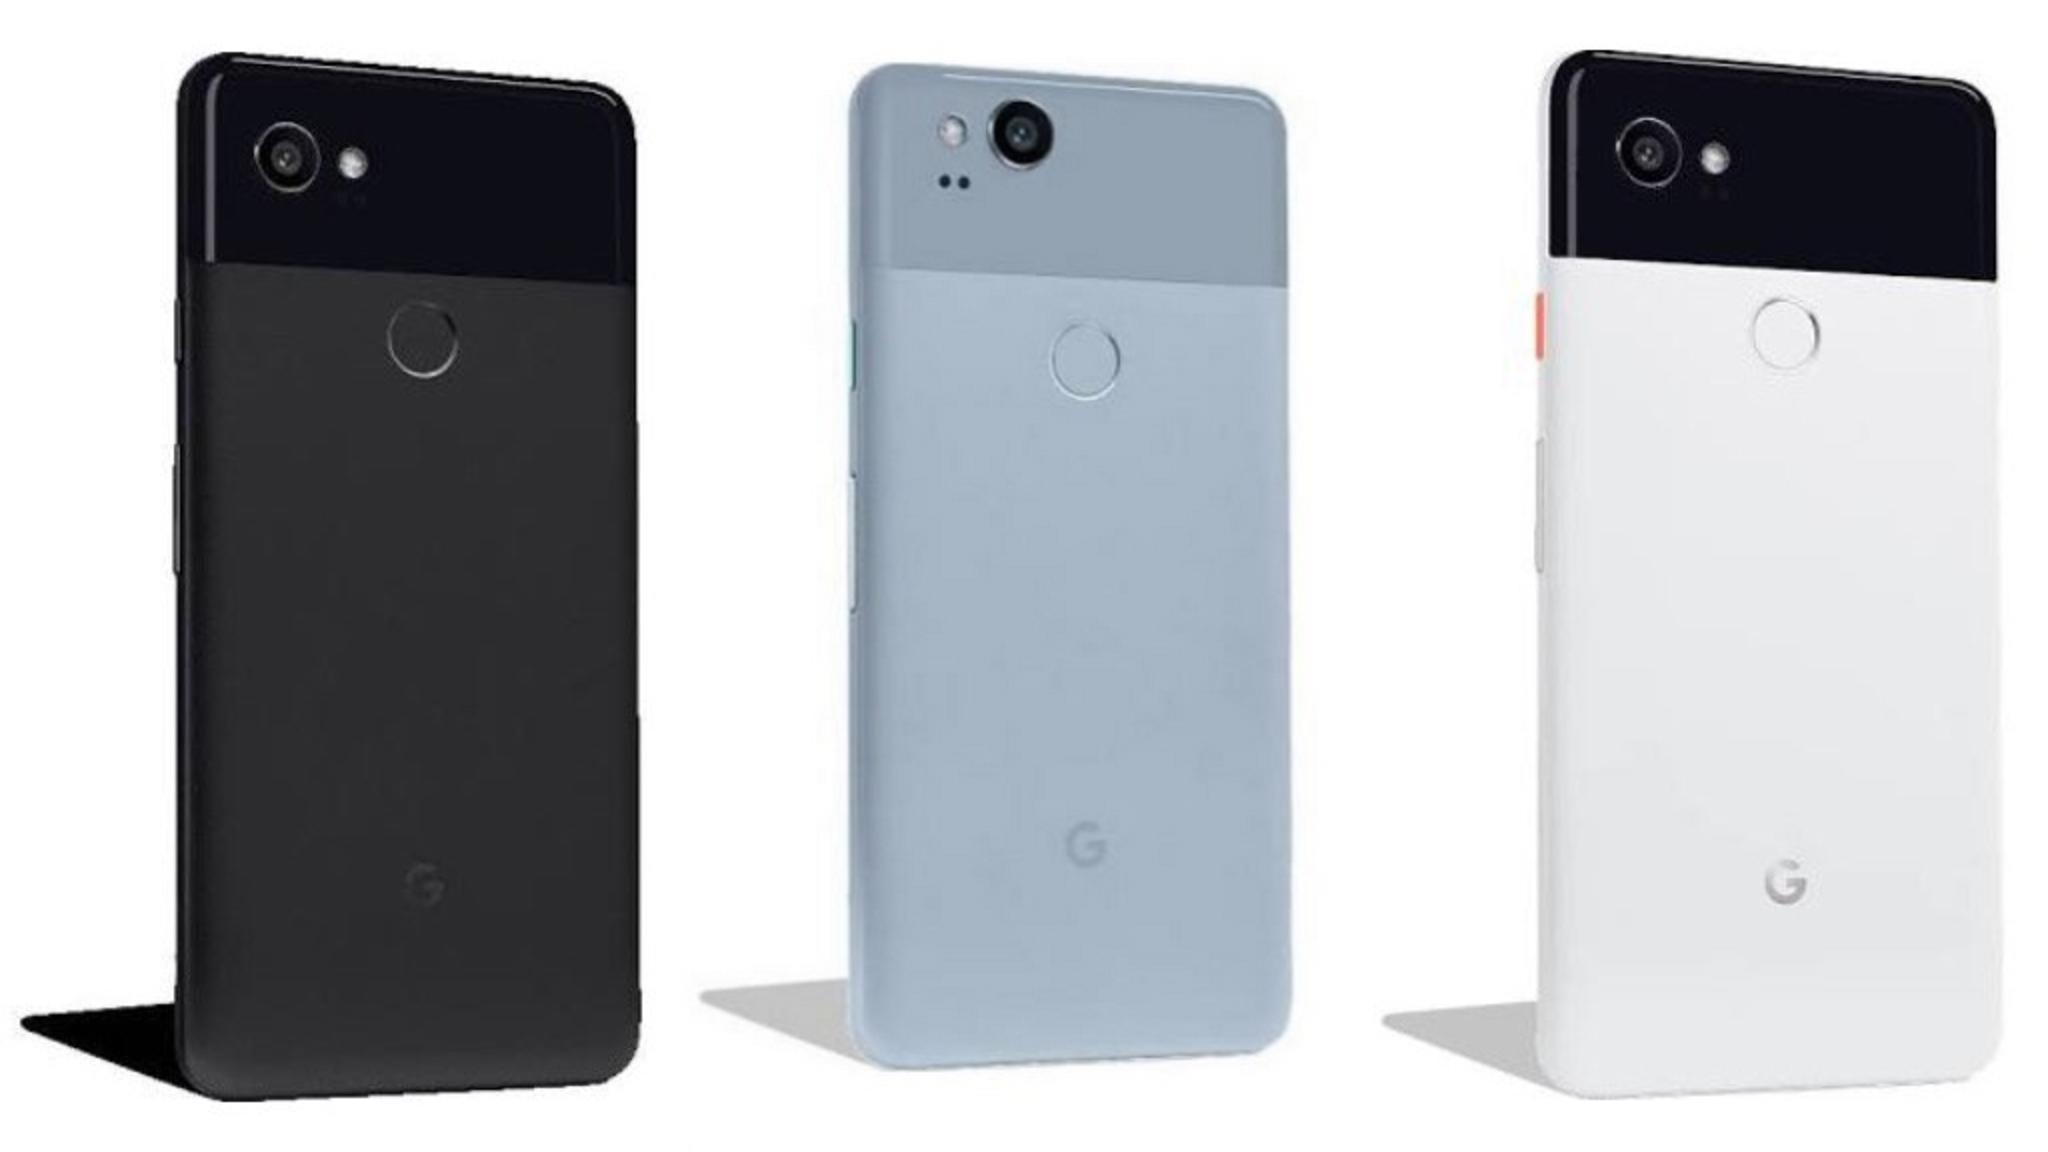 Das Pixel 2 und das Pixel 2 XL haben angeblich die qualitativ beste Smartphone-Kamera – aber keine Dual-Cam.